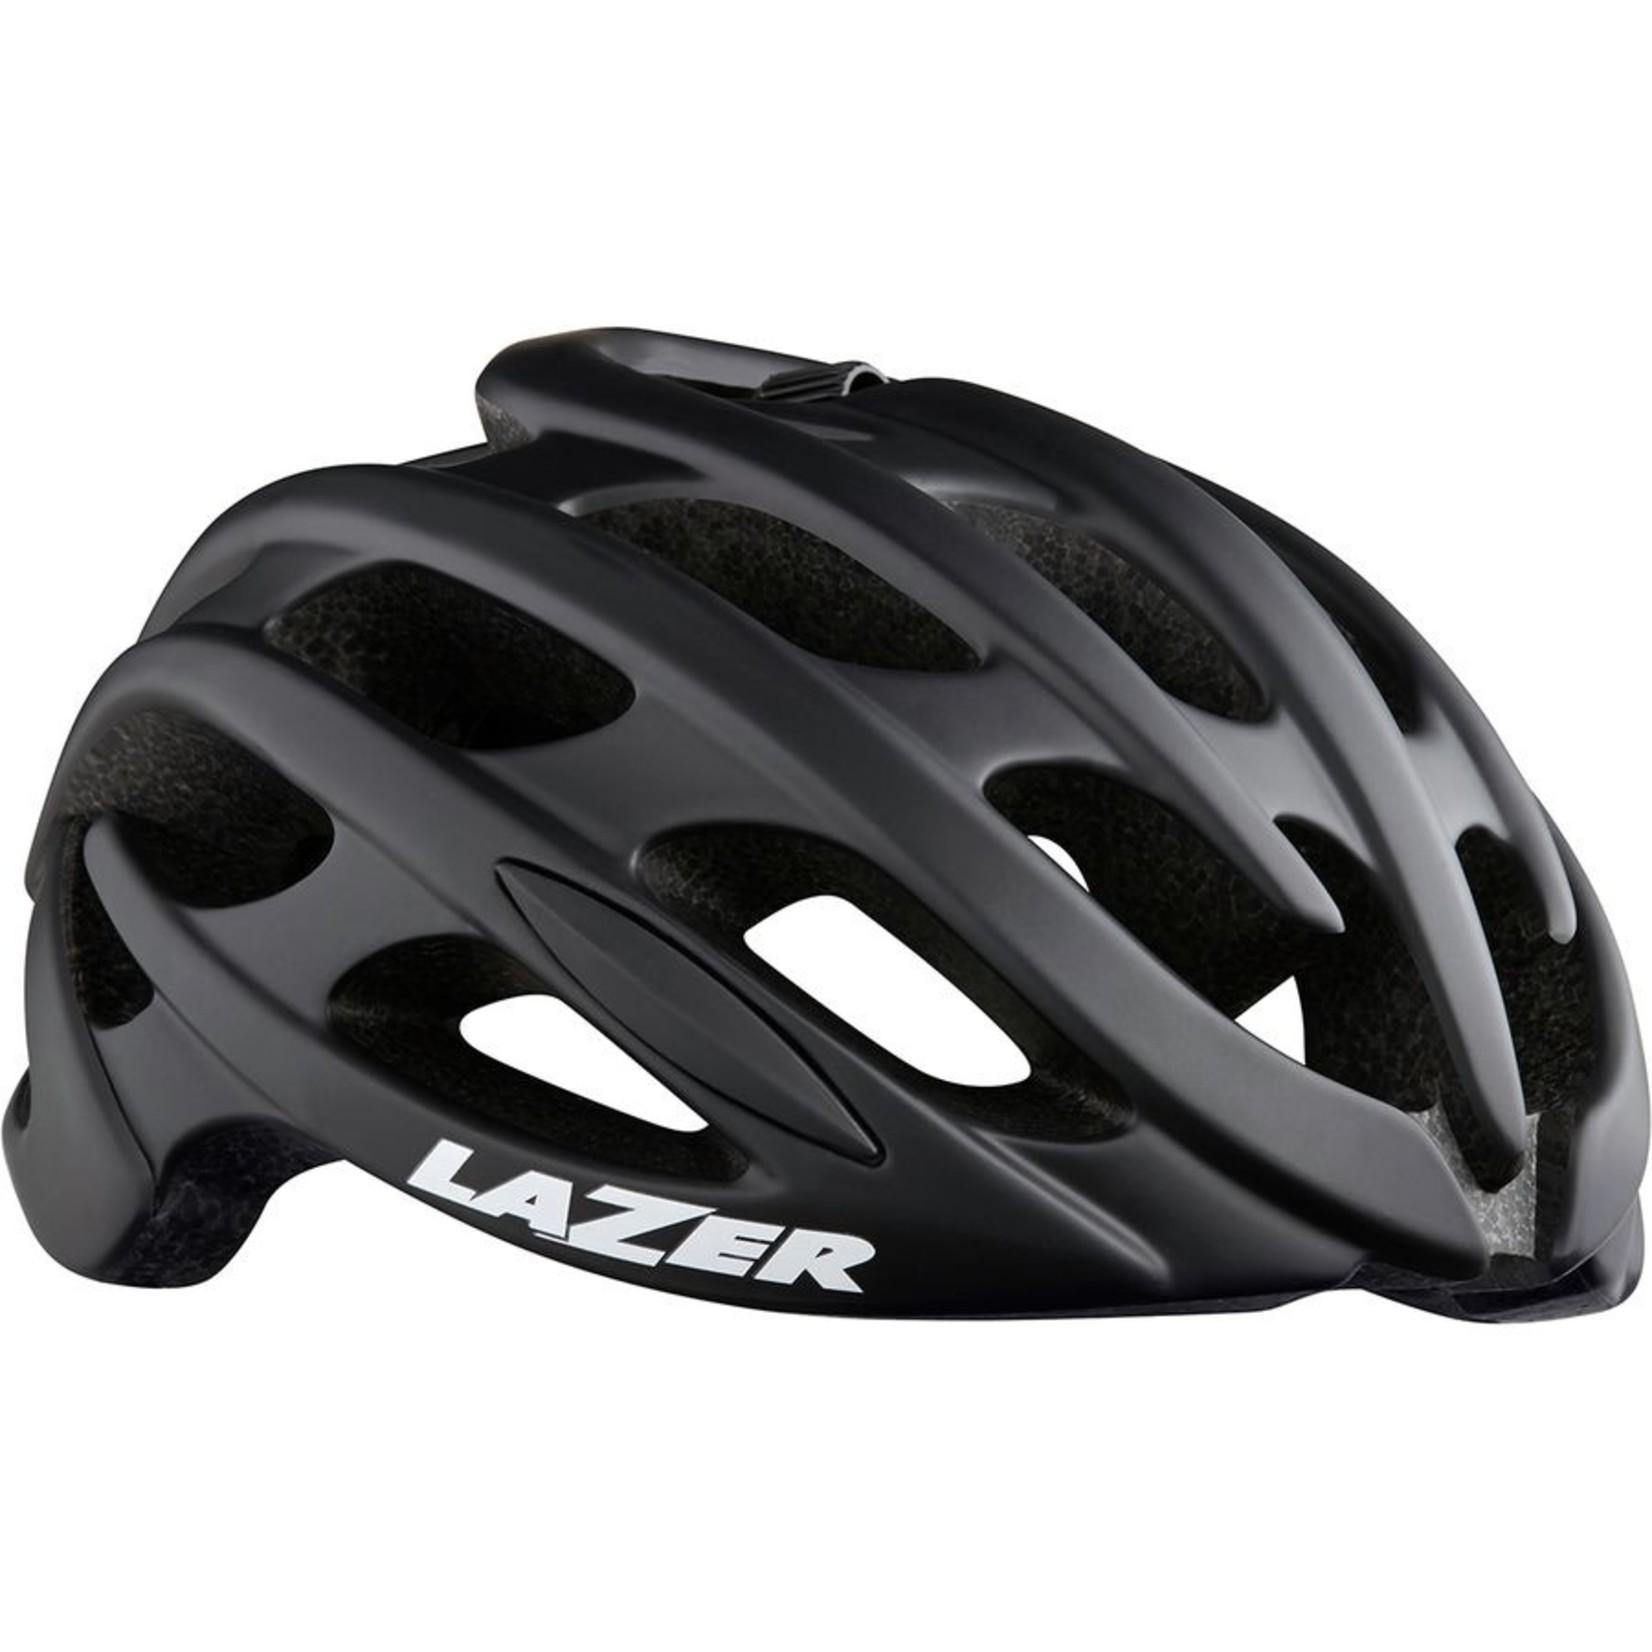 Lazer Lazer Blade+ MIPS Helmet